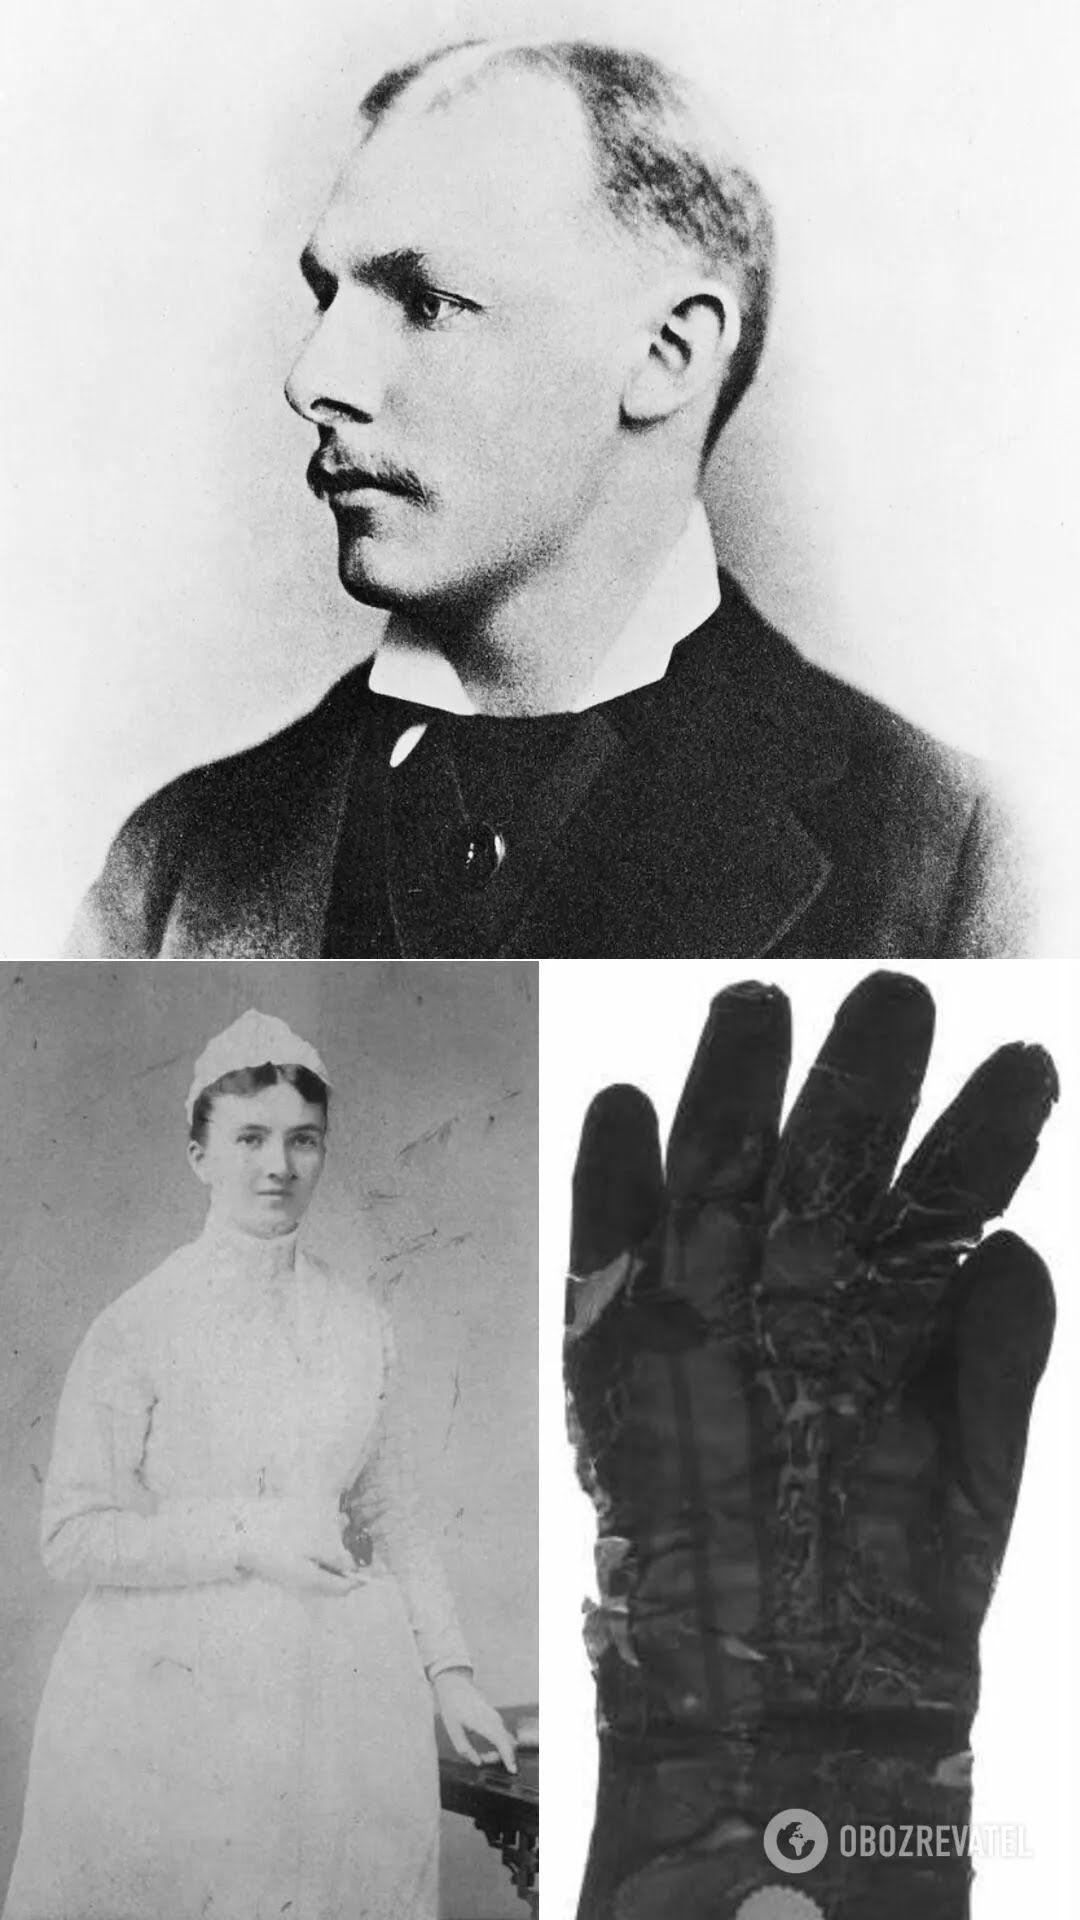 Молодий Вільям Холстед, 1880 рік; Керолайн Гемптон, 1889 рік; рання гумова хірургічна рукавичка, яку носив хірург Джонса Хопкінса Джон М. Т. Фінні